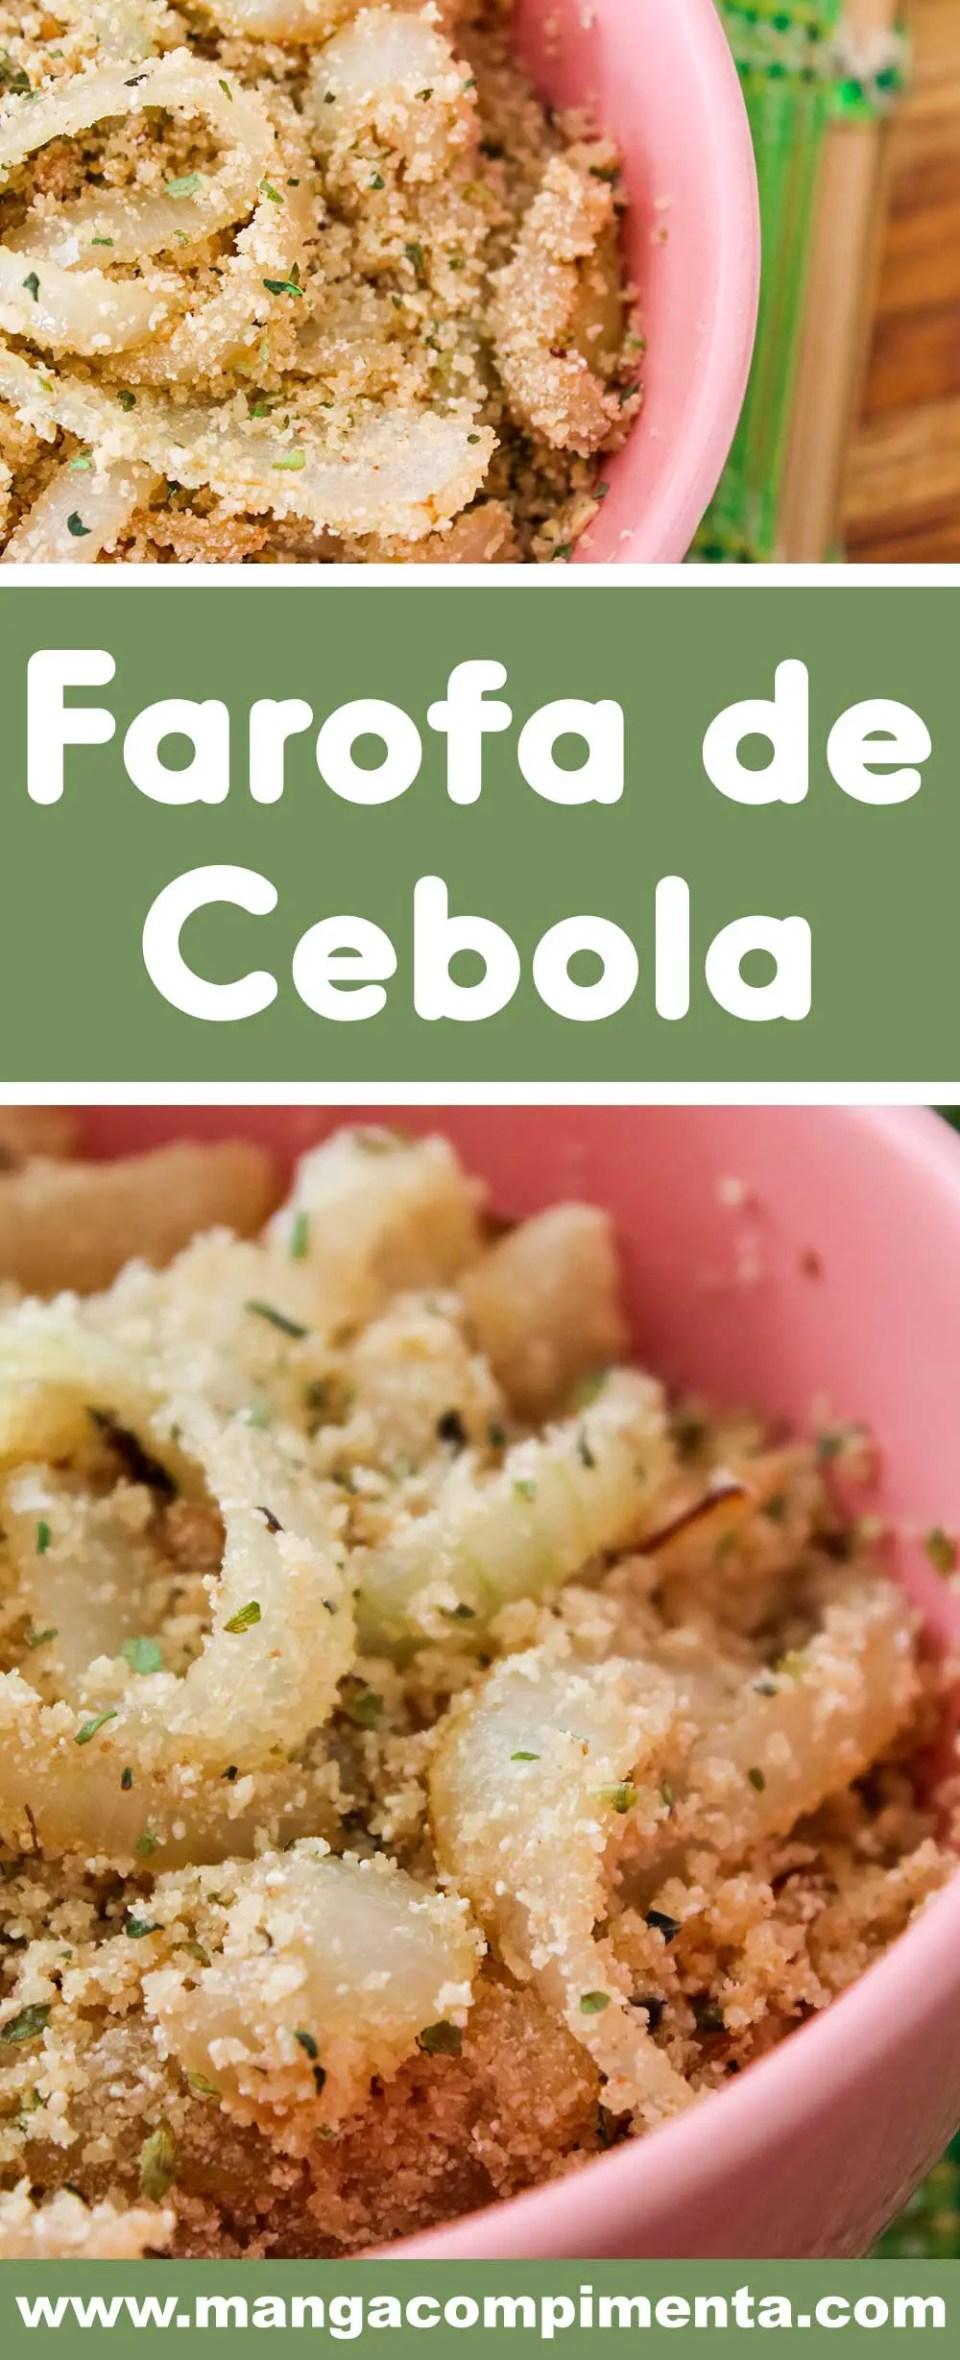 Receita de Farofa de Cebola - Para acompanhar maravilhosos assados!